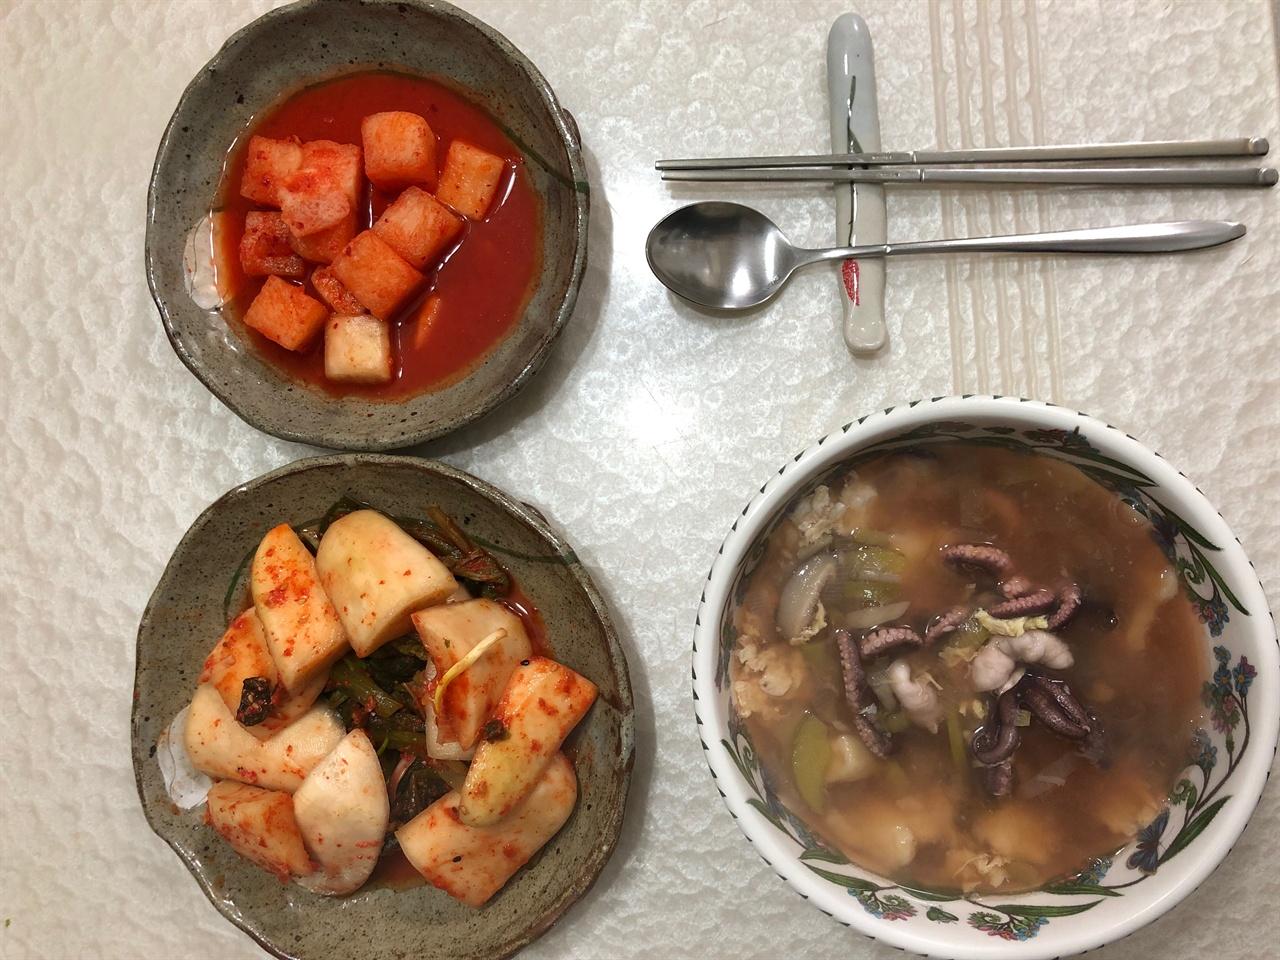 주꾸미 수제비 갓김치와 깍두기와 함께 차려낸 주꾸미 수제비 식탁입니다.